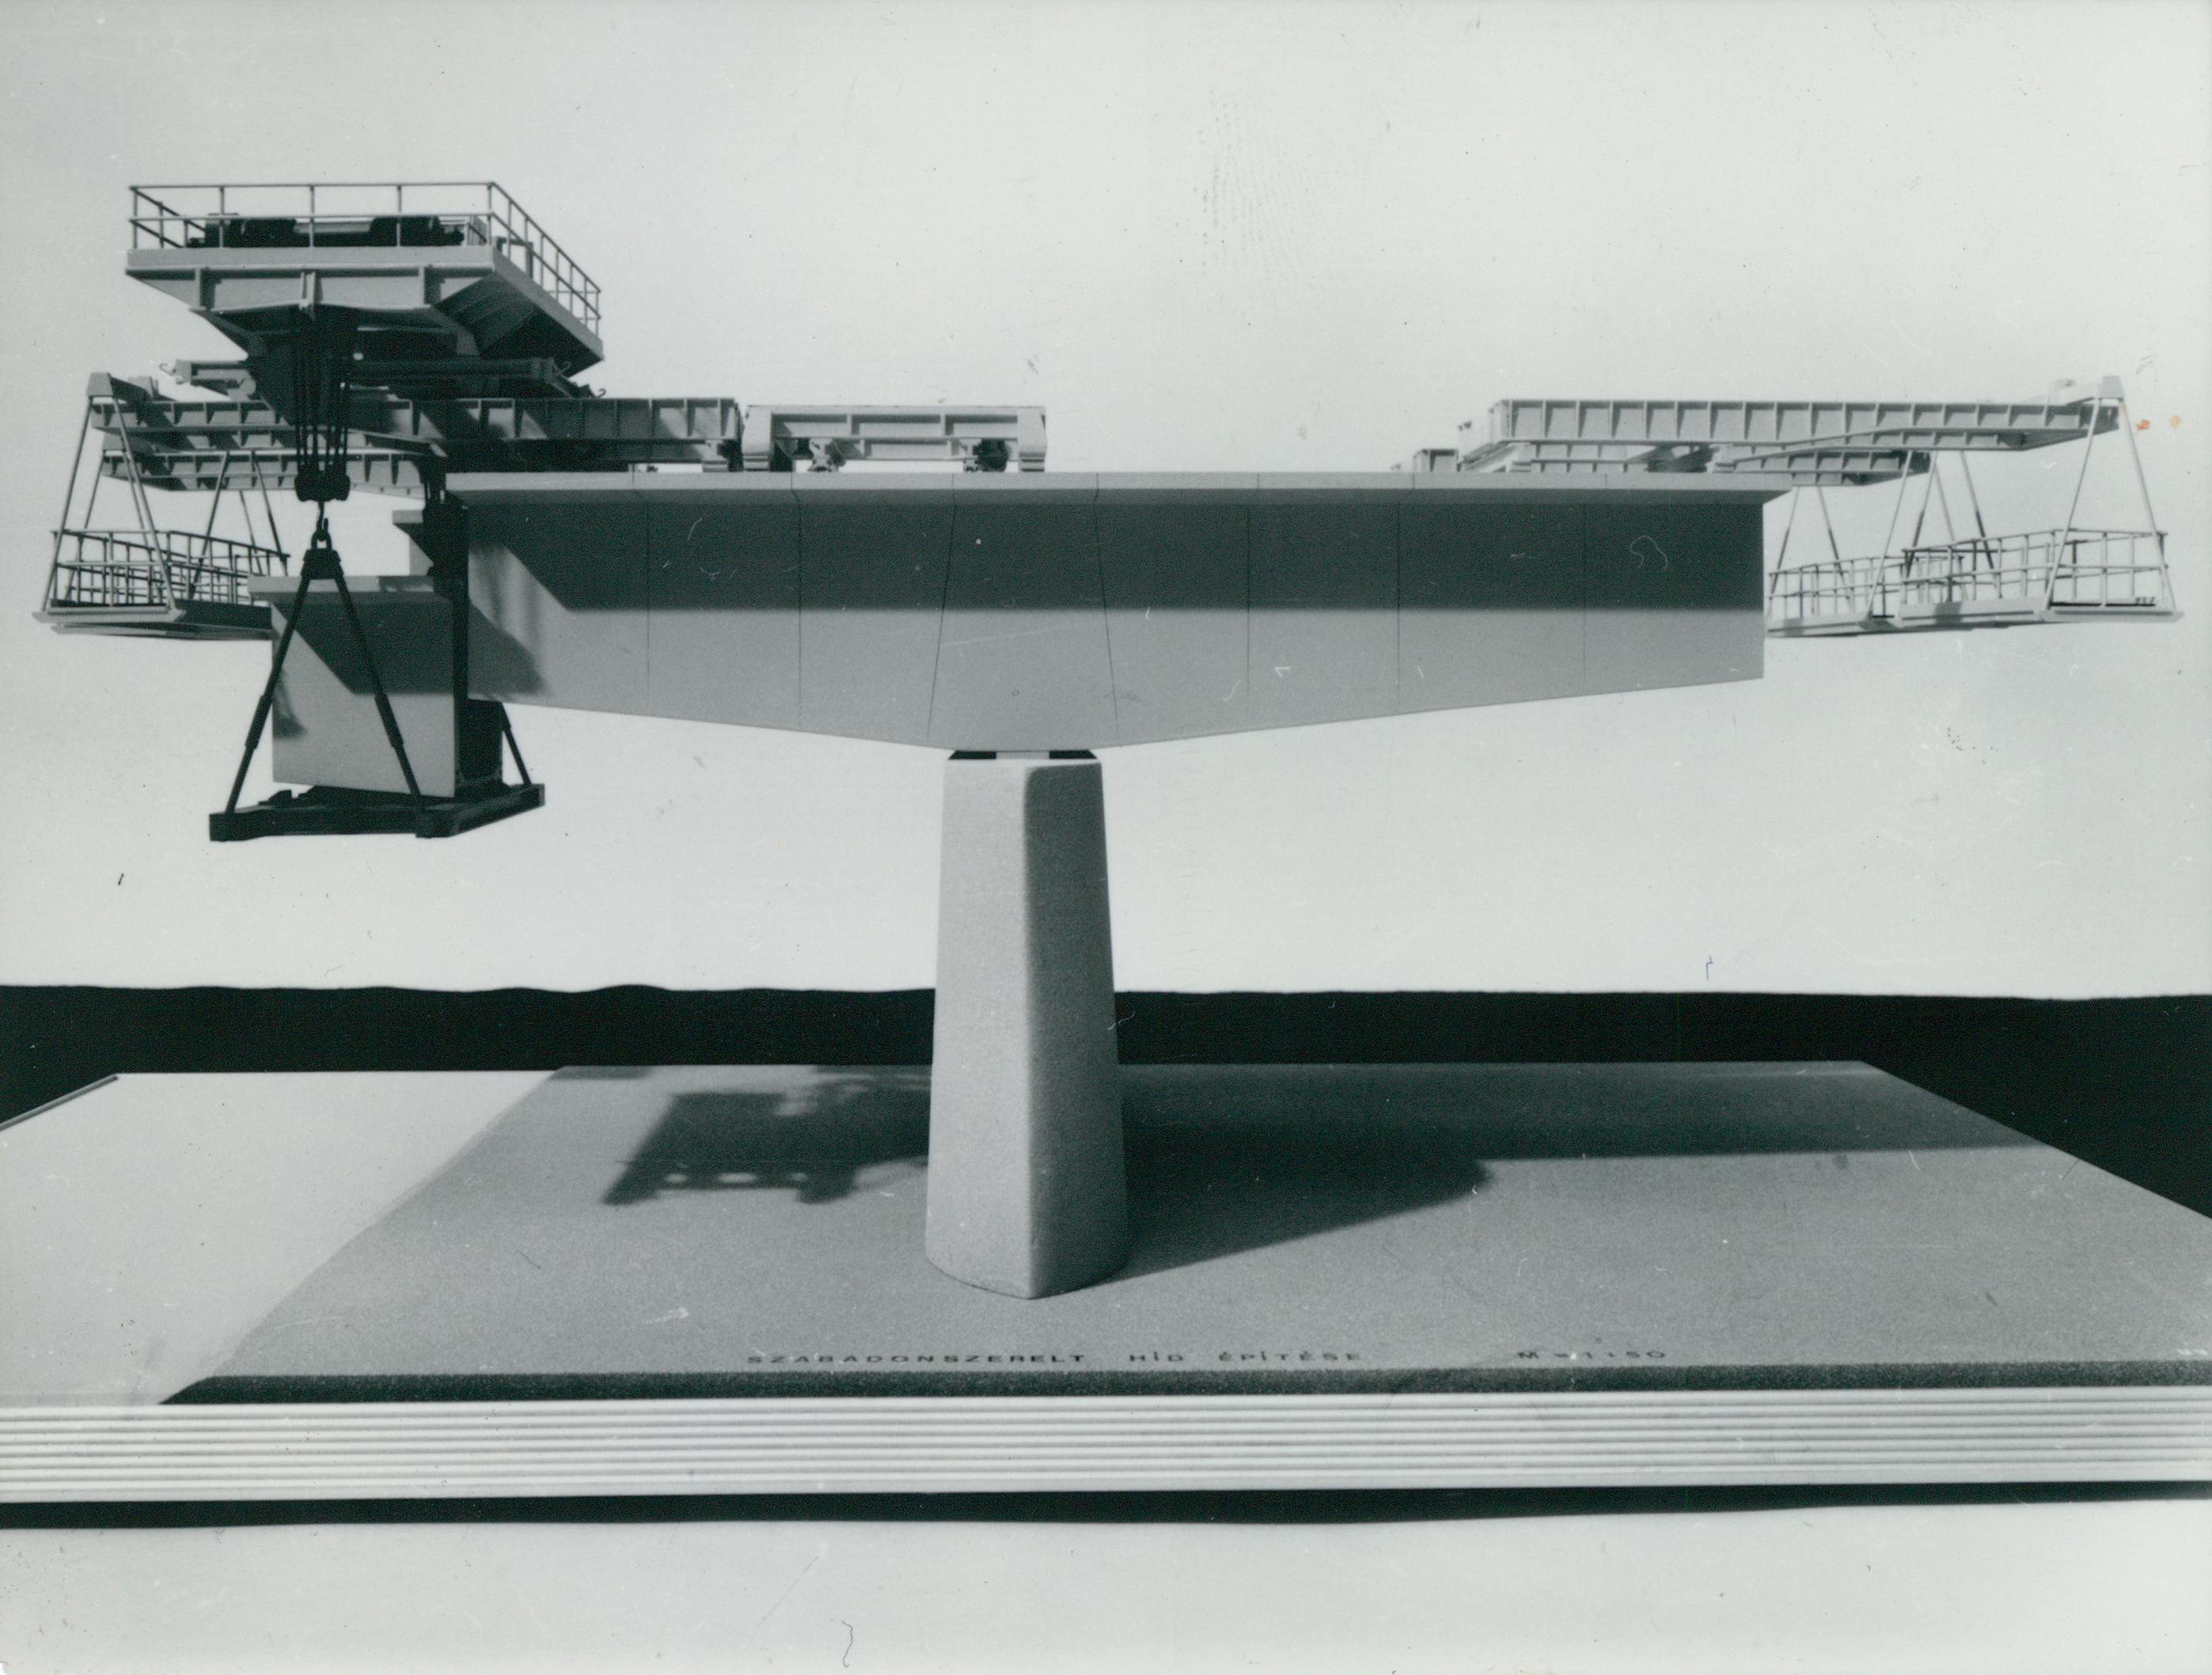 Szabadonszerelt híd építésének modellje